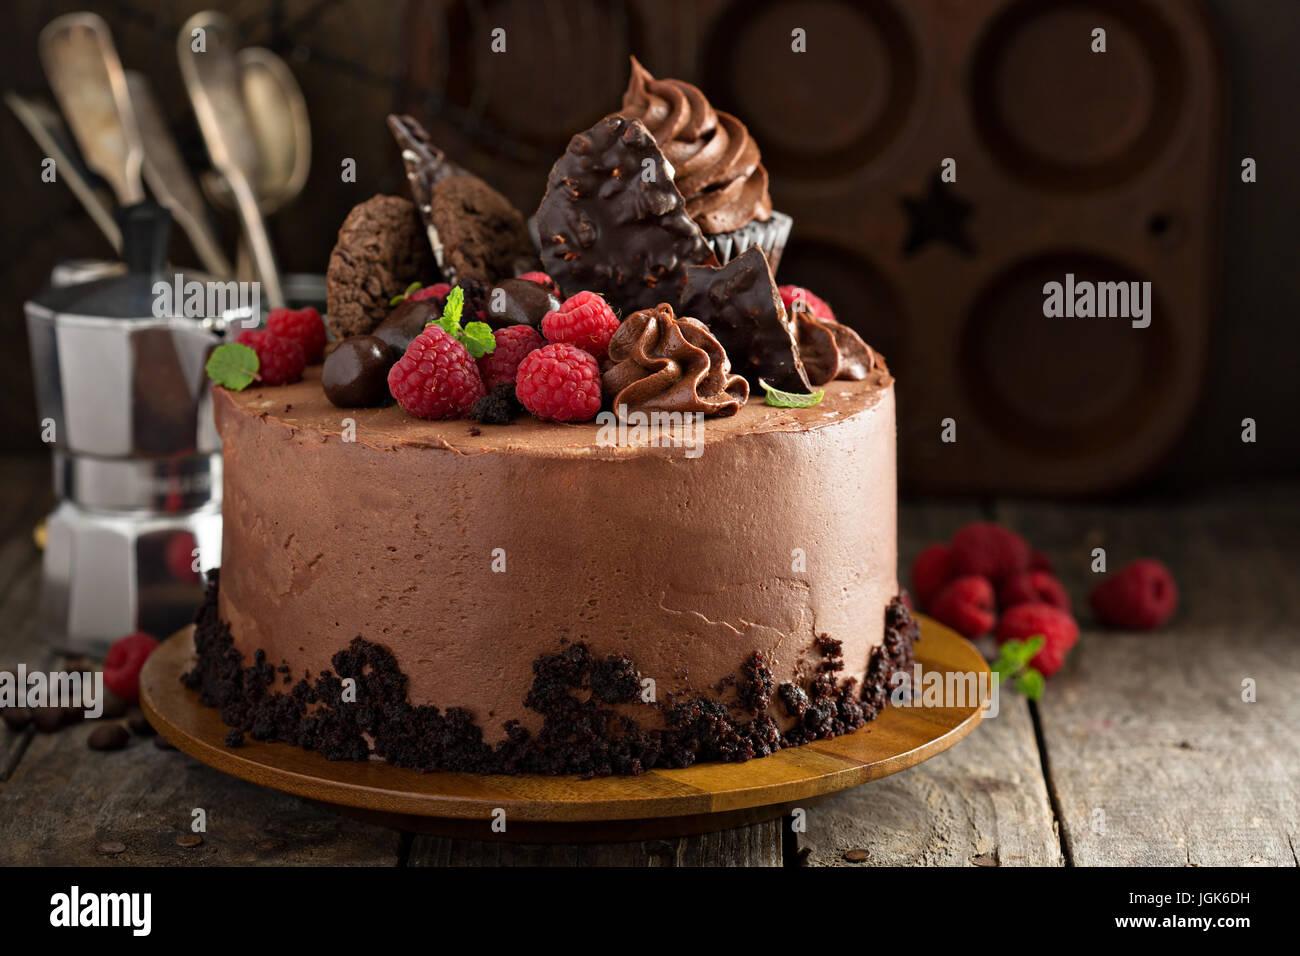 Gâteau au chocolat gourmet avec décorations Photo Stock